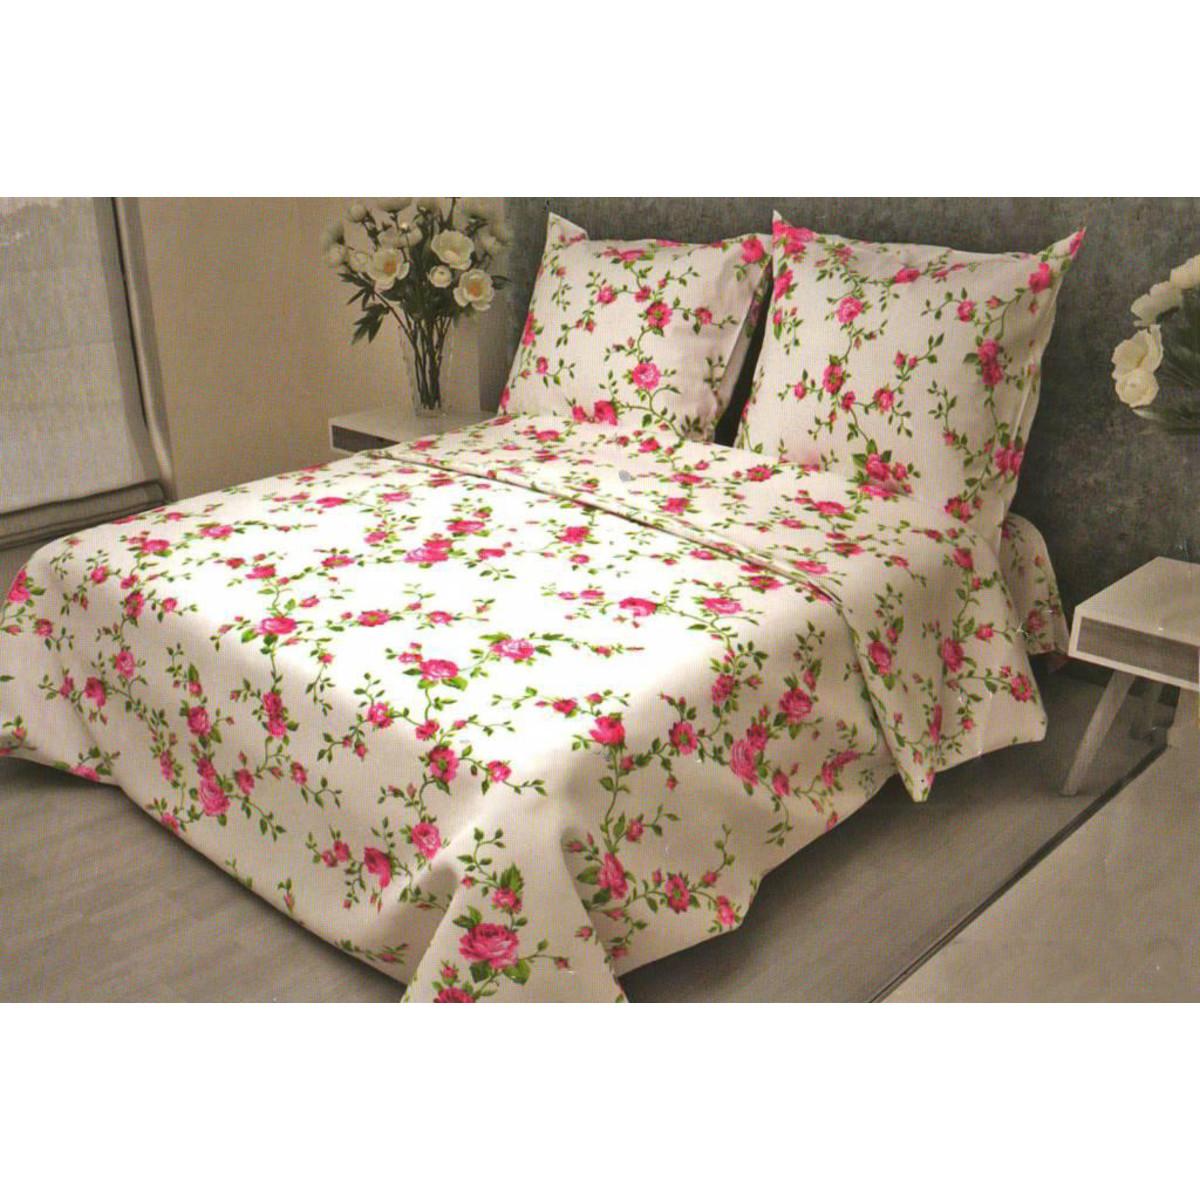 Комлплект постельного белья полутораспальный «Розы» бязь 70x70 см